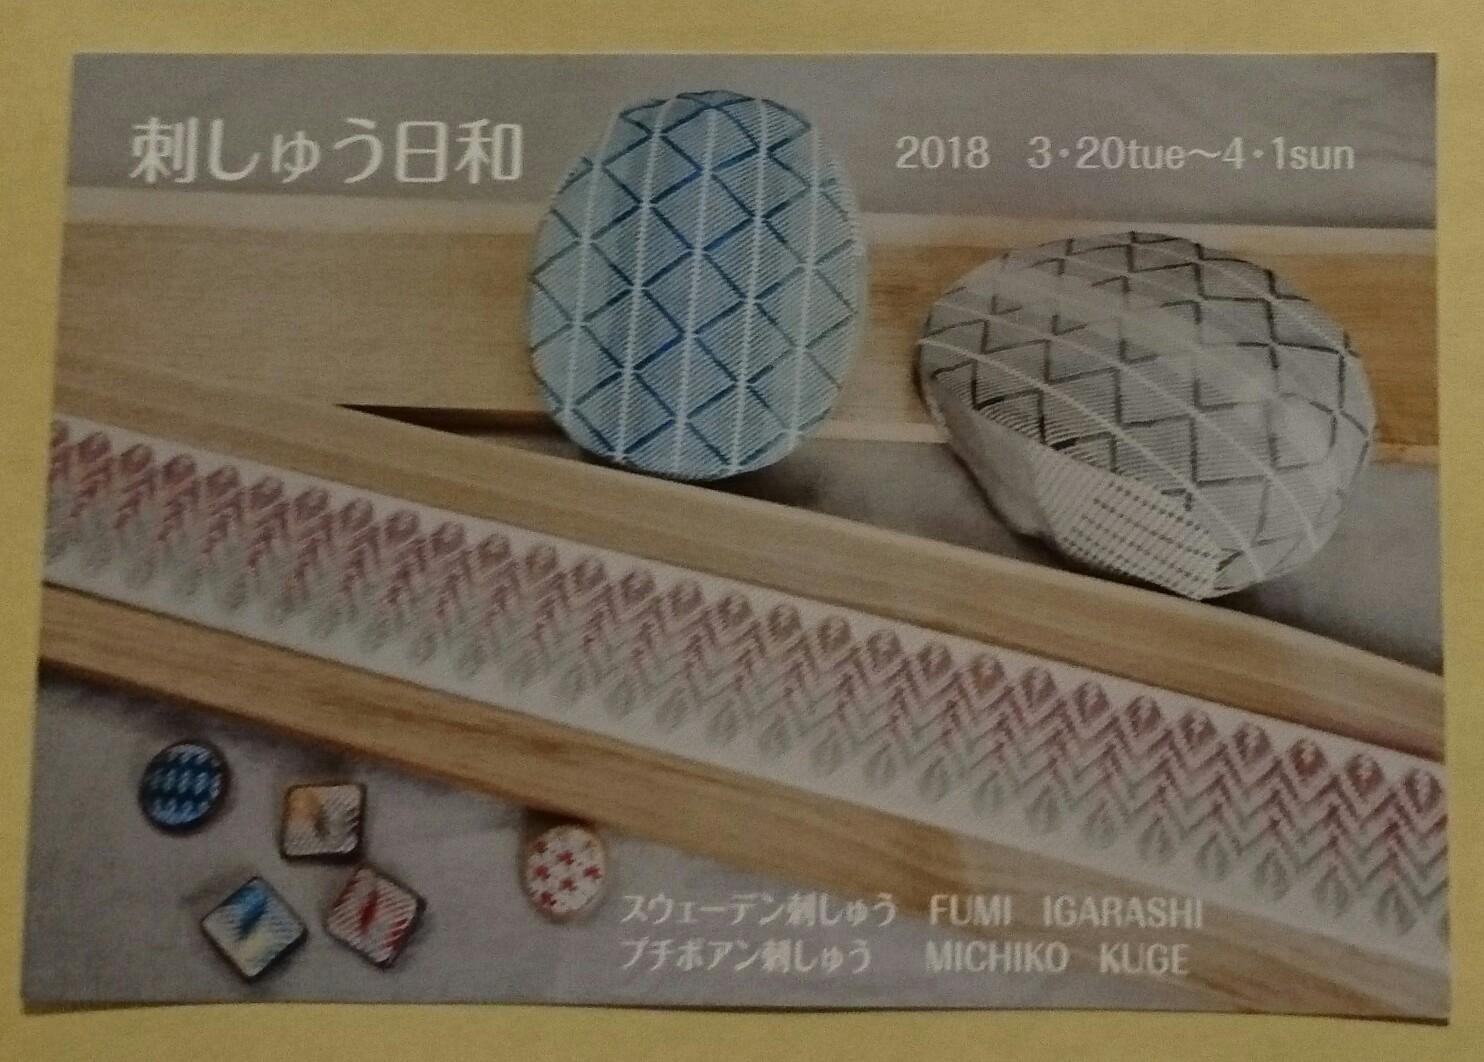 「刺しゅう日和」 スウェーデン刺繍の作品展DM_f0361510_17335039.jpg